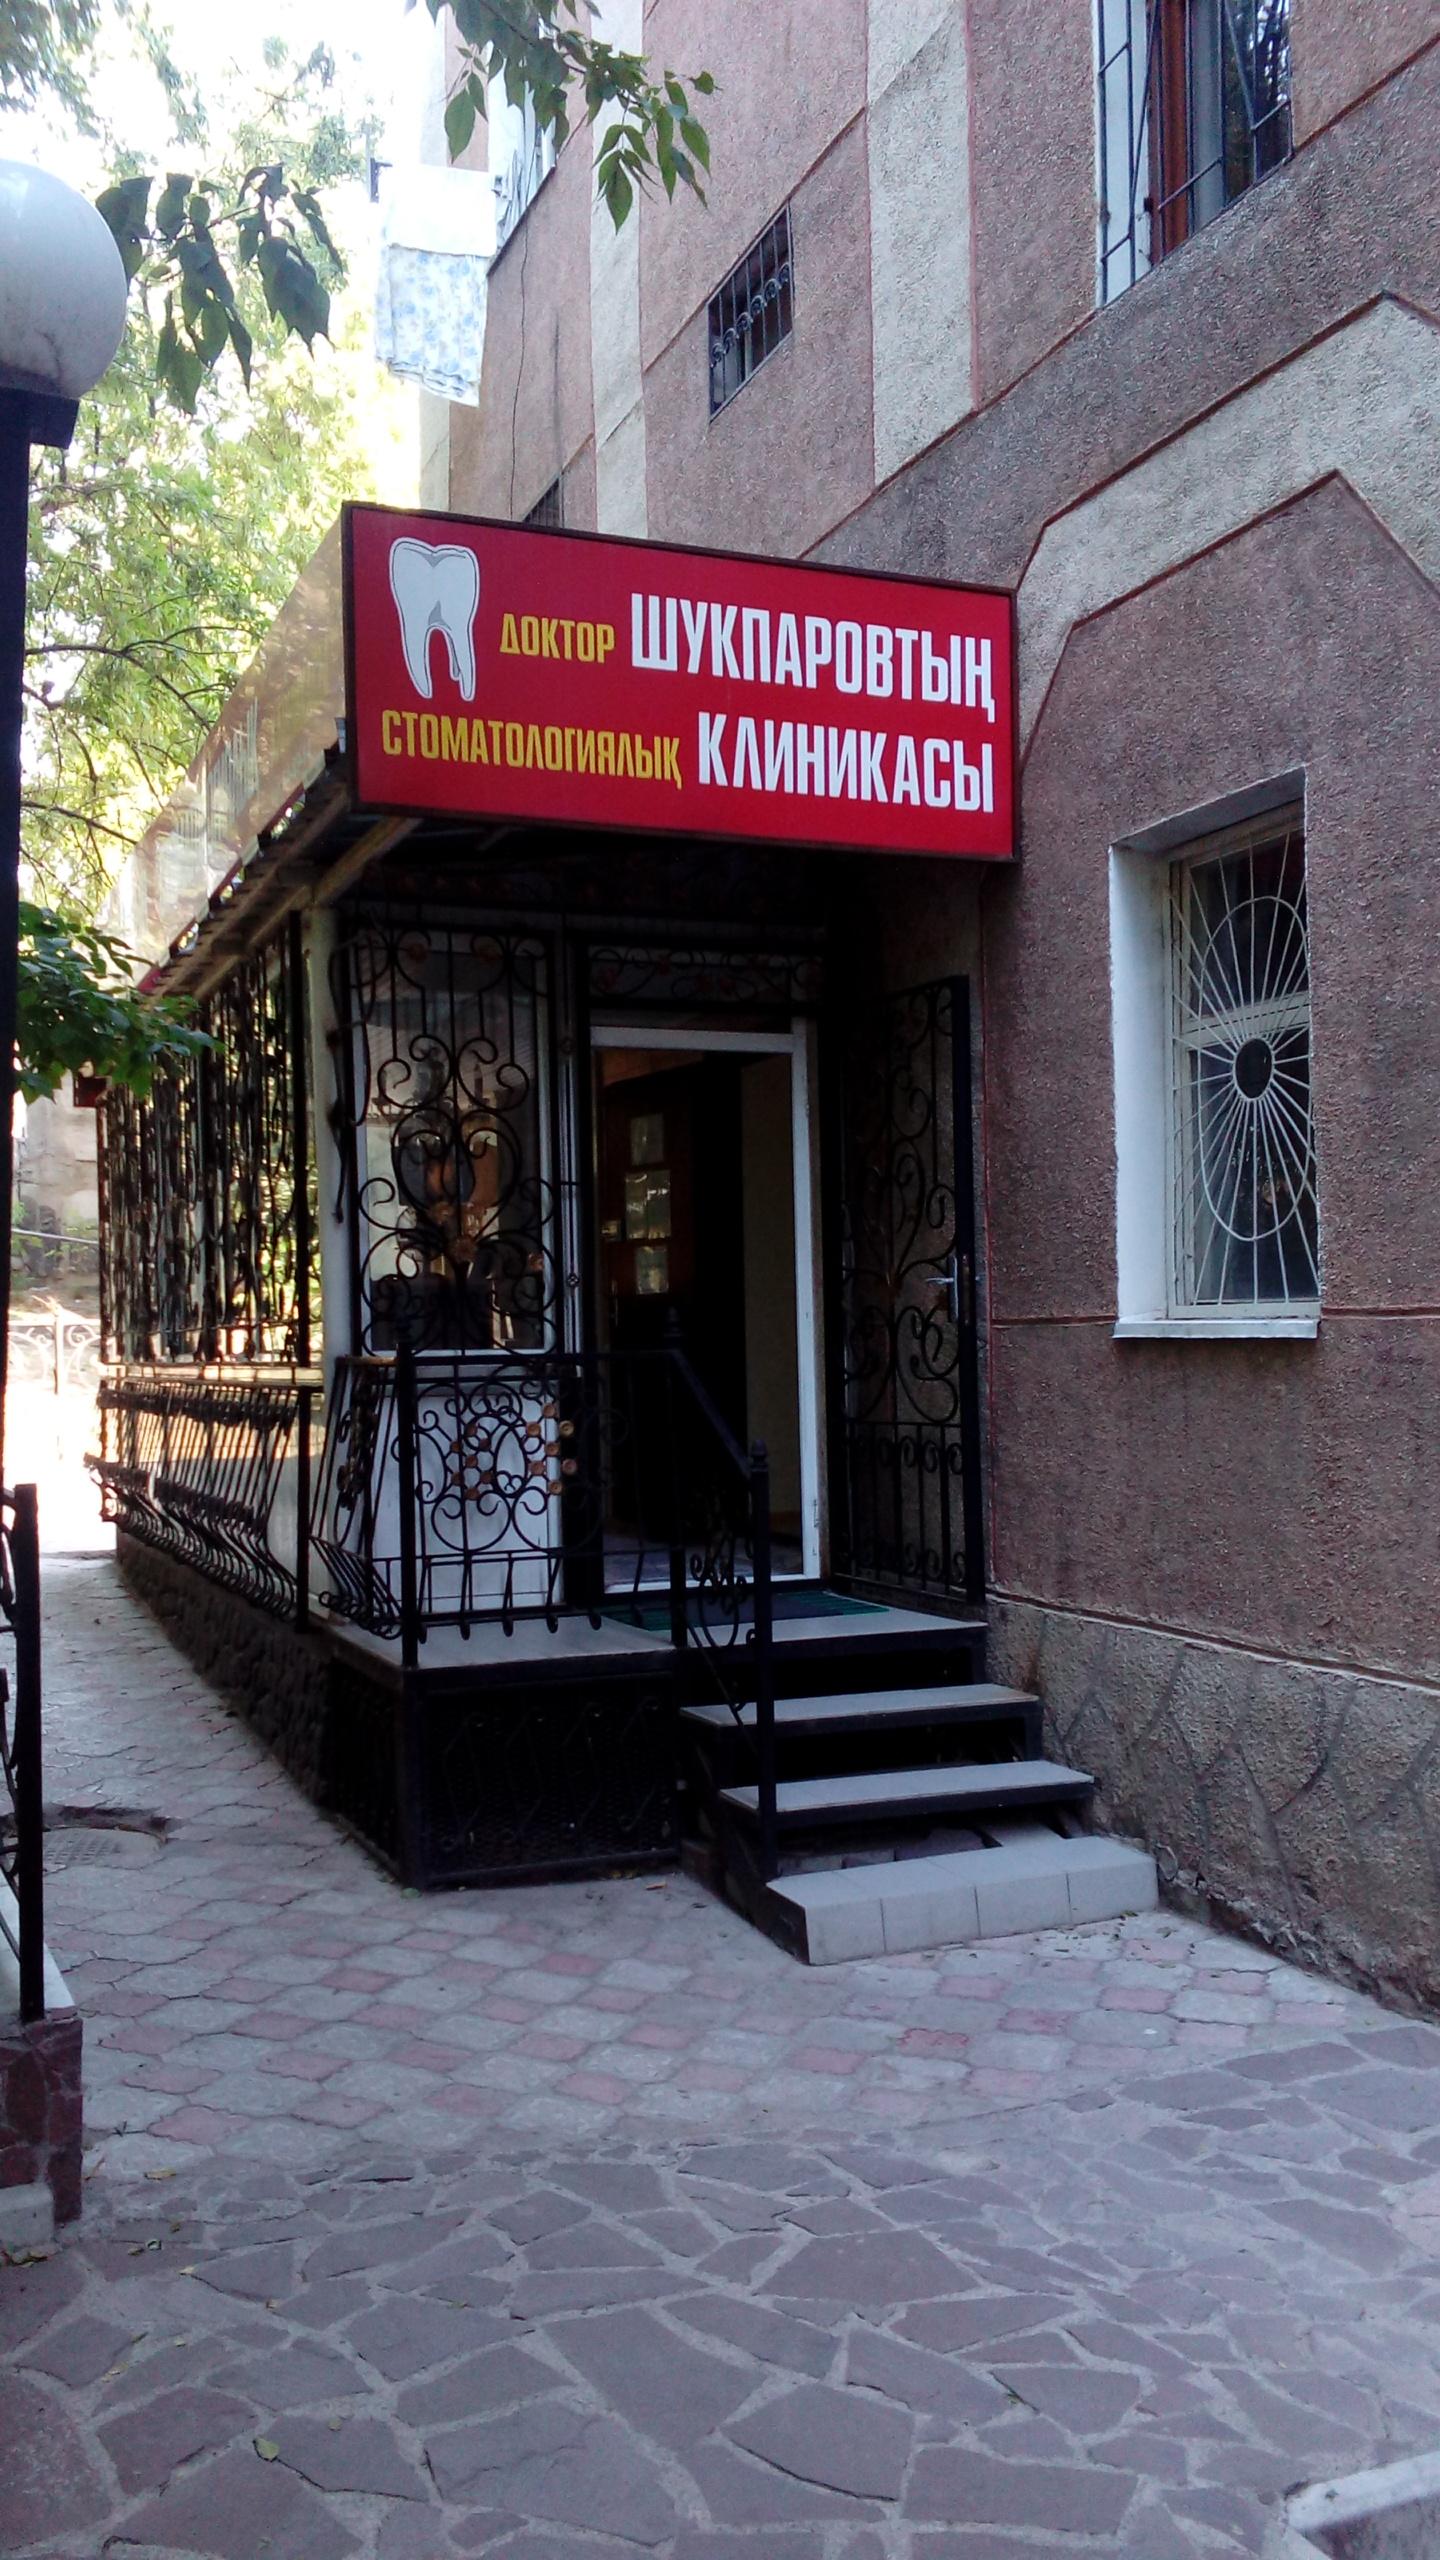 Стоматологическая клиника ДОКТОРА ШУКПАРОВА